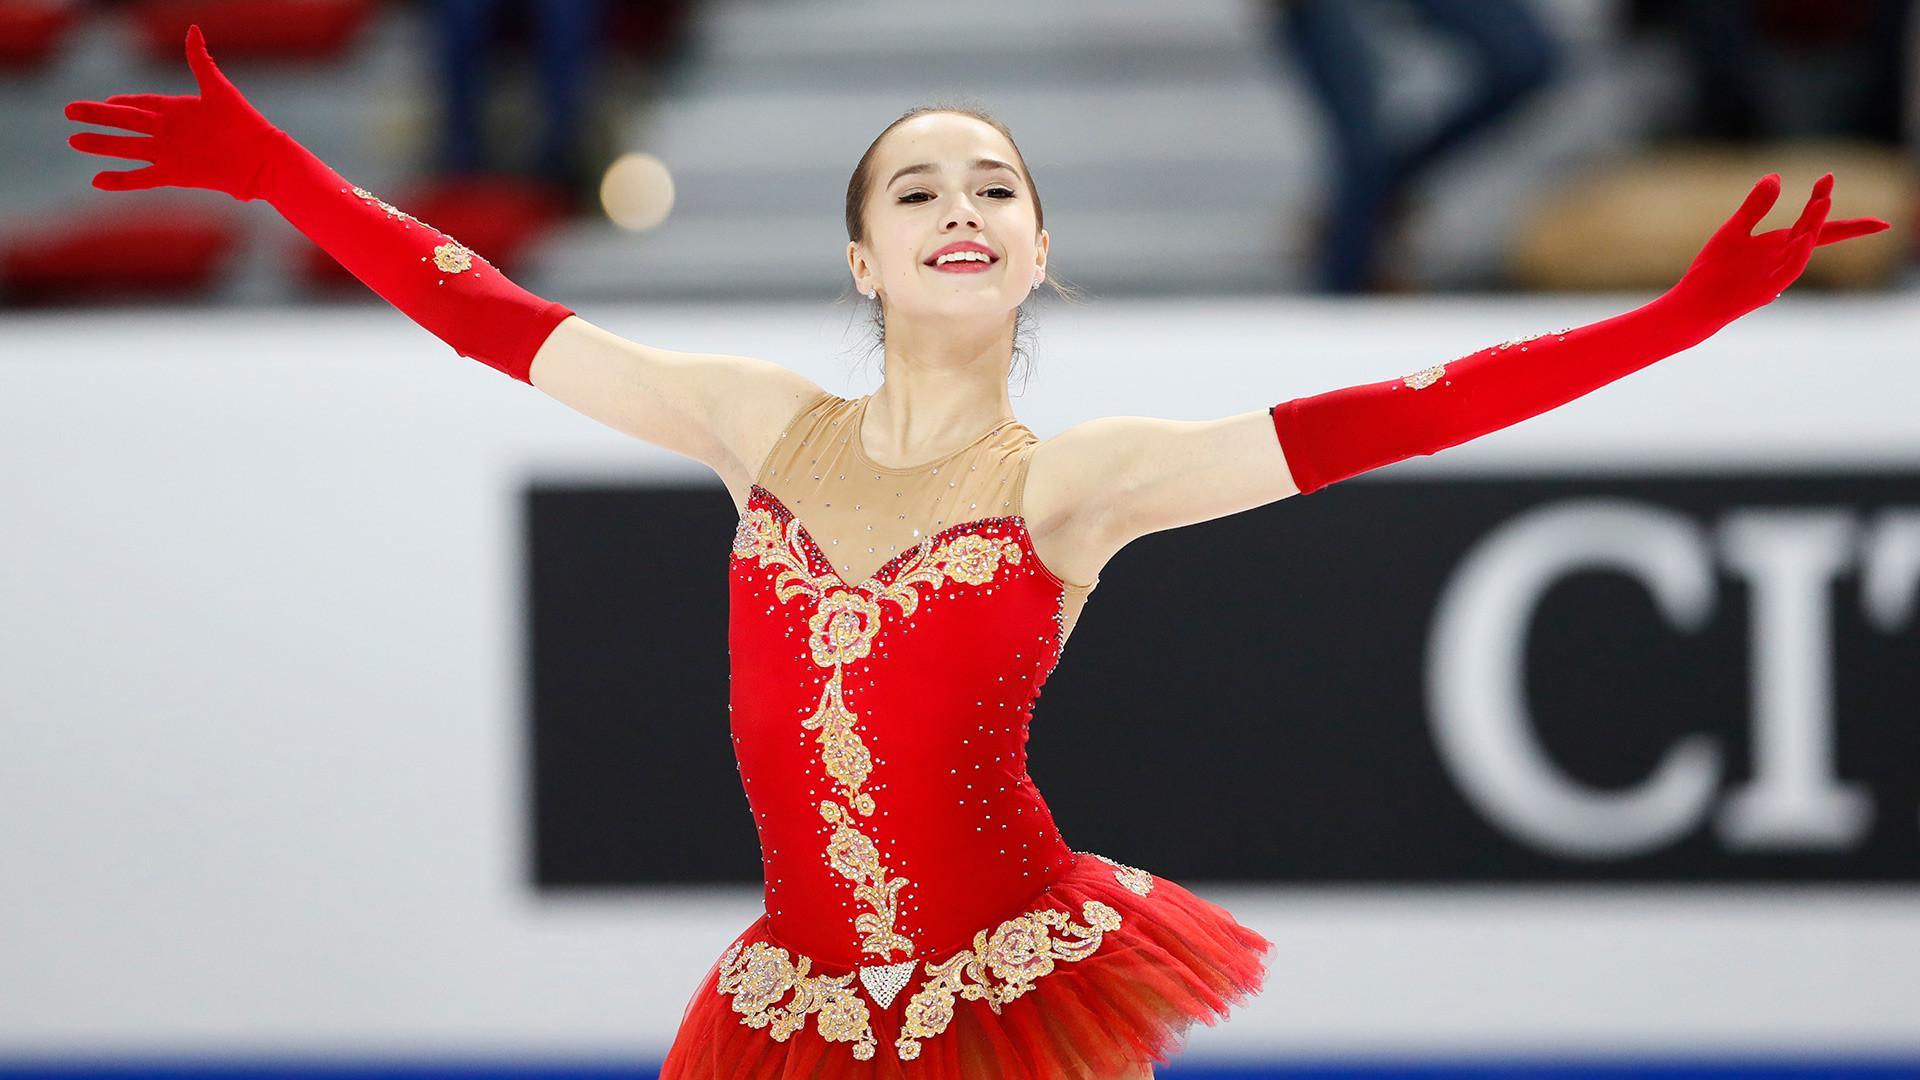 ロシア女子フィギュアの新星:15歳のアリーナ・ザギトワが露選手権を制す